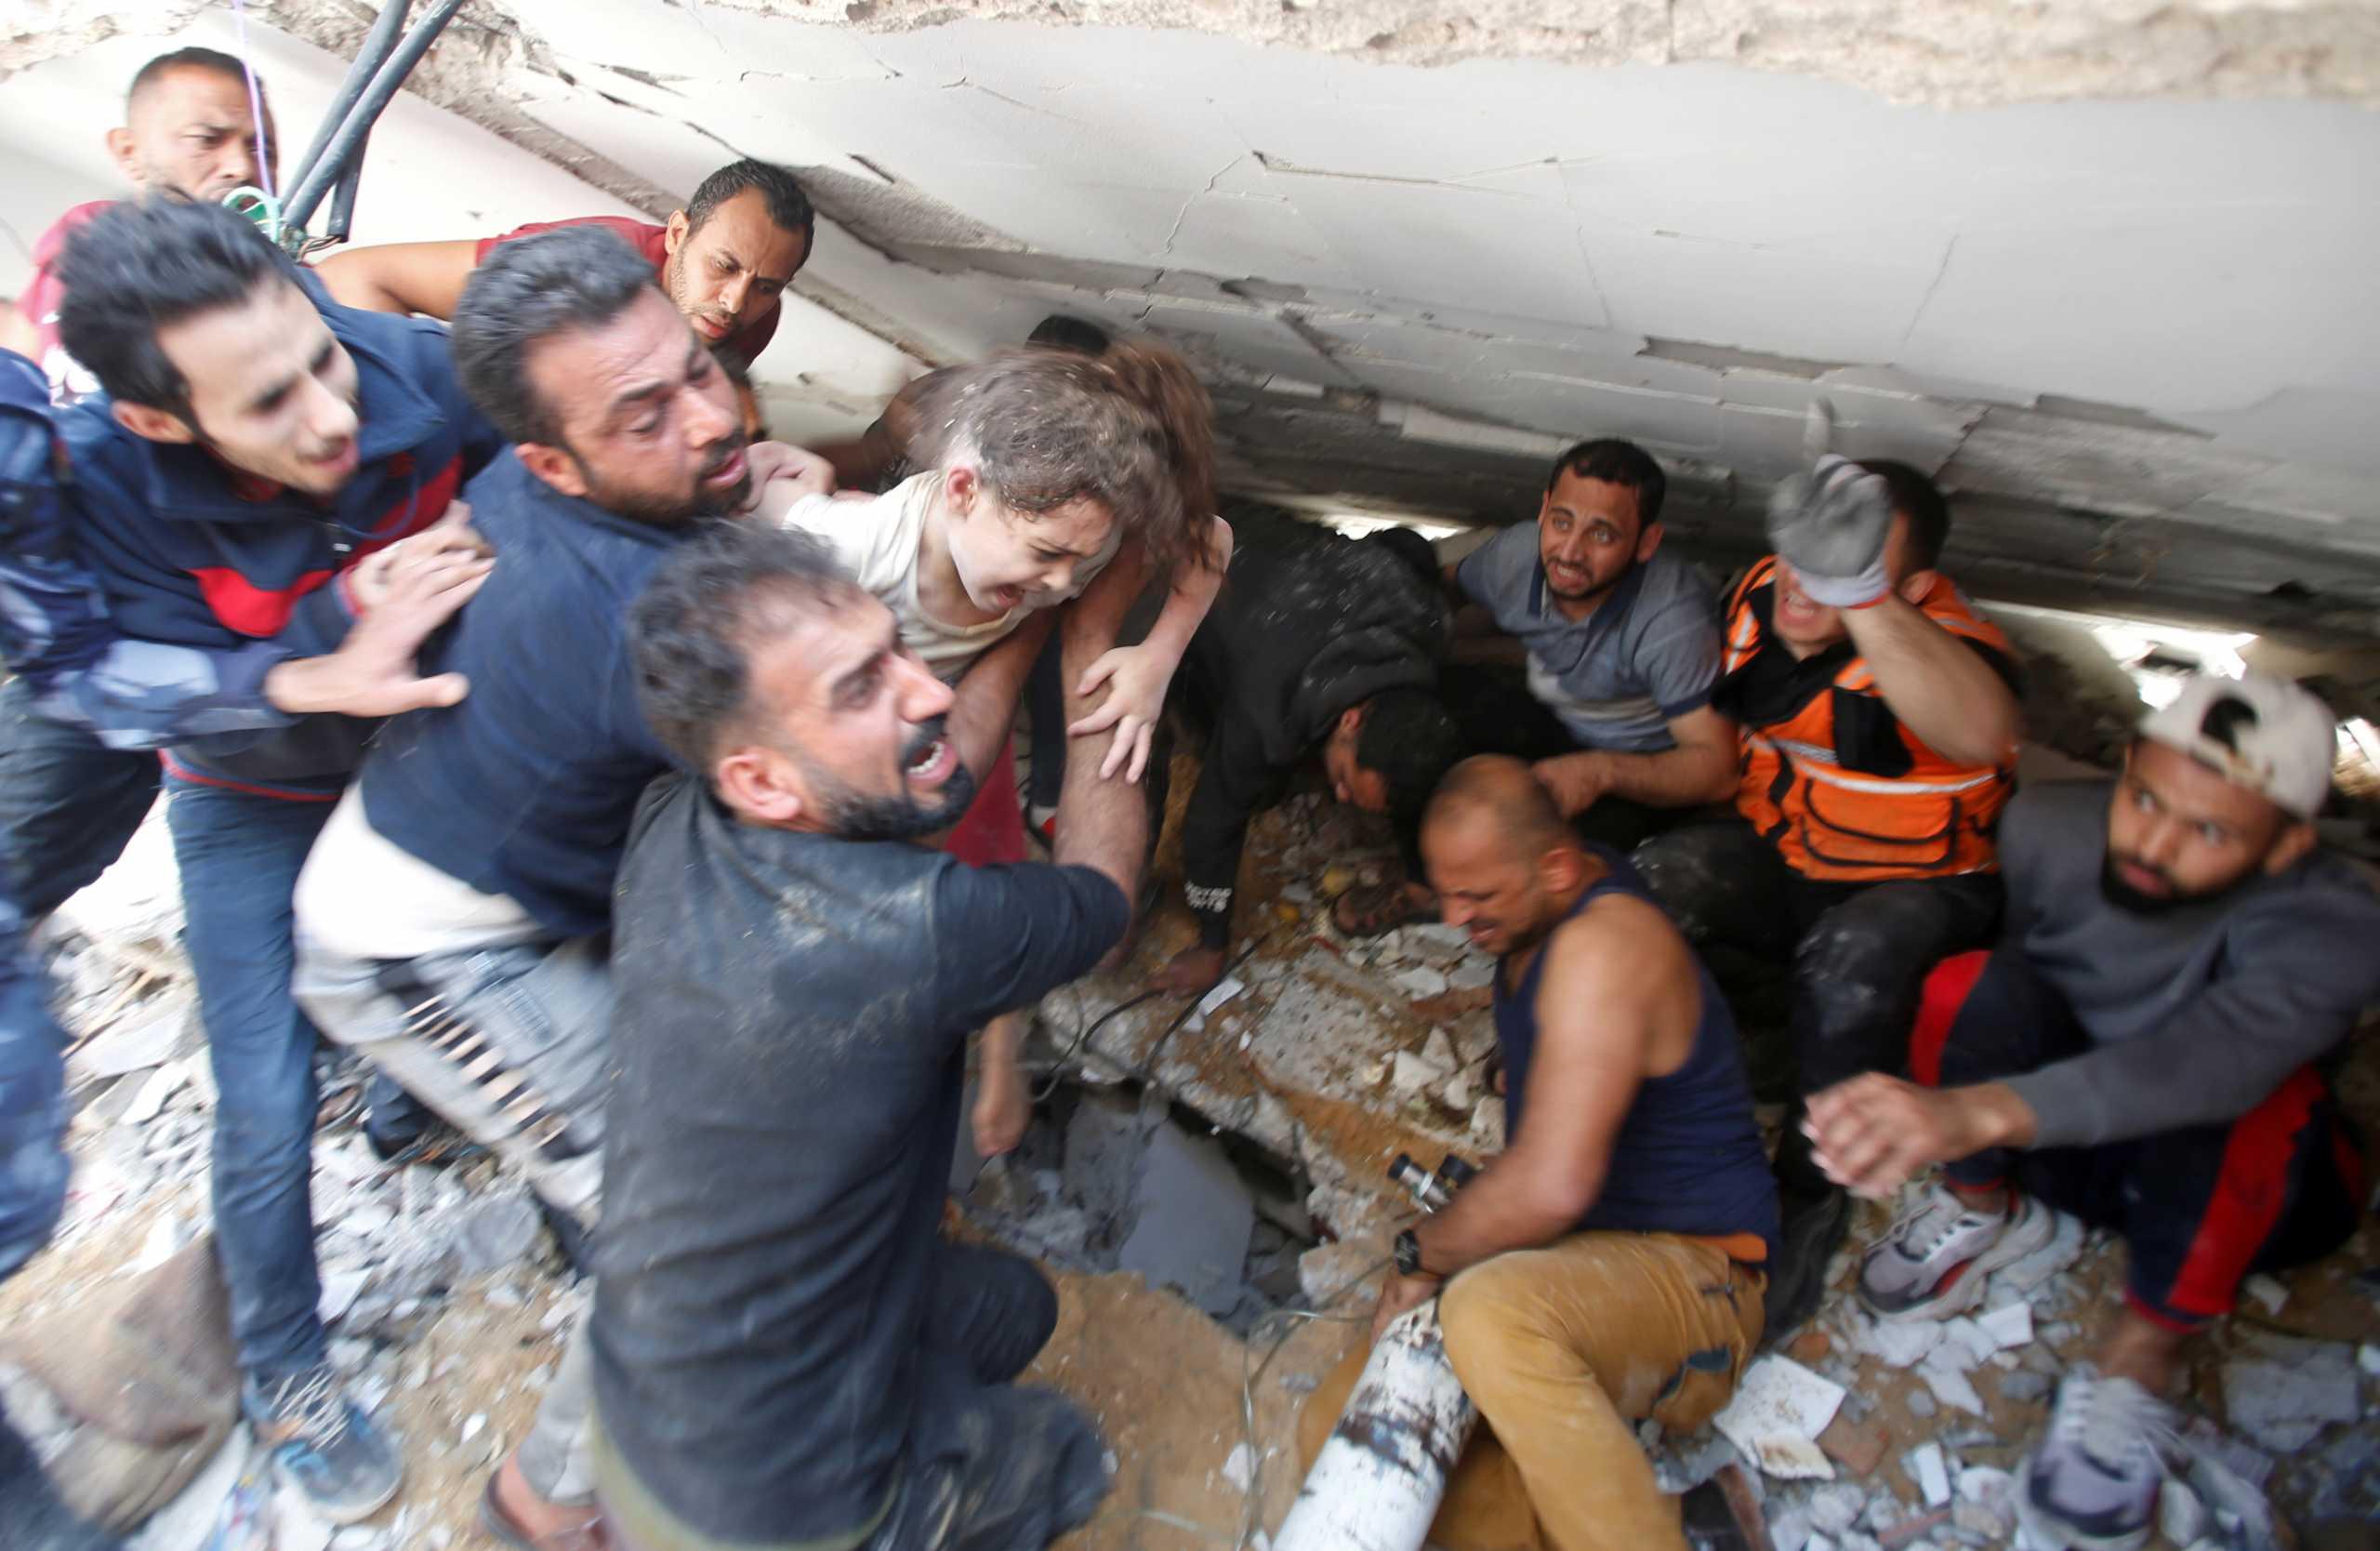 Δράμα δίχως τέλος στη Γάζα: 55 παιδιά νεκρά μέσα σε μία εβδομάδα